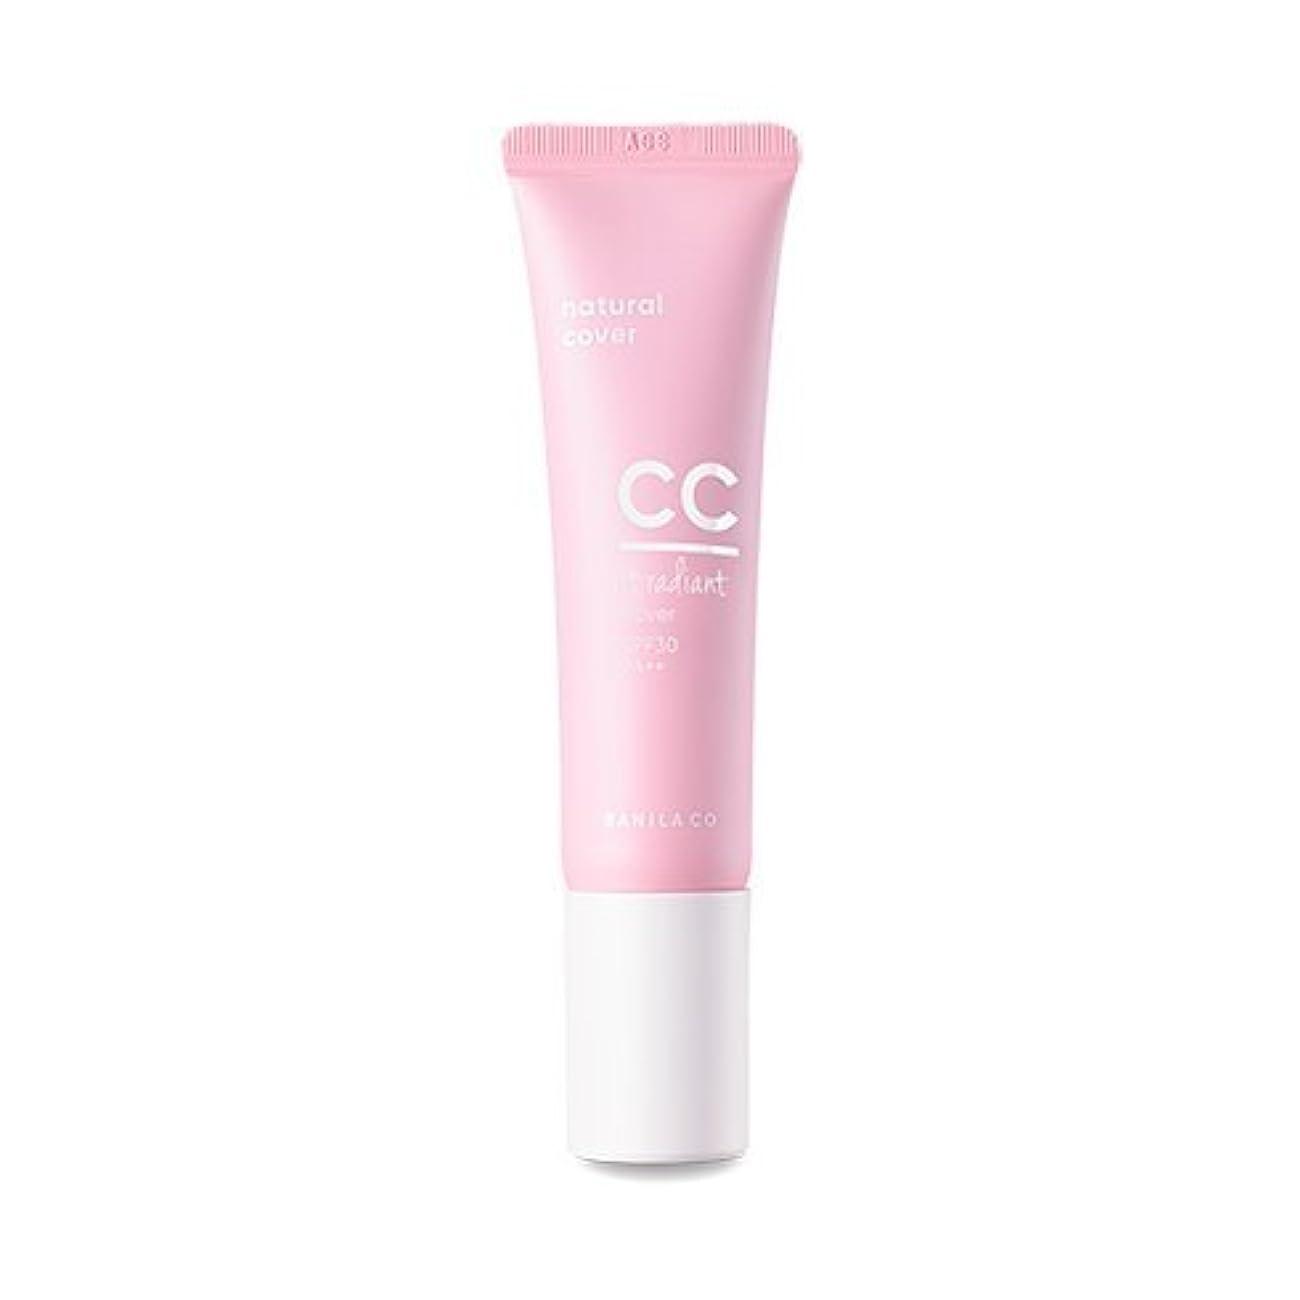 カナダセラー連合[Renewal] BANILA CO It Radiant CC Cover Cream 30ml/バニラコ イット ラディアント CC カバー クリーム 30ml (#Light Beige) [並行輸入品]